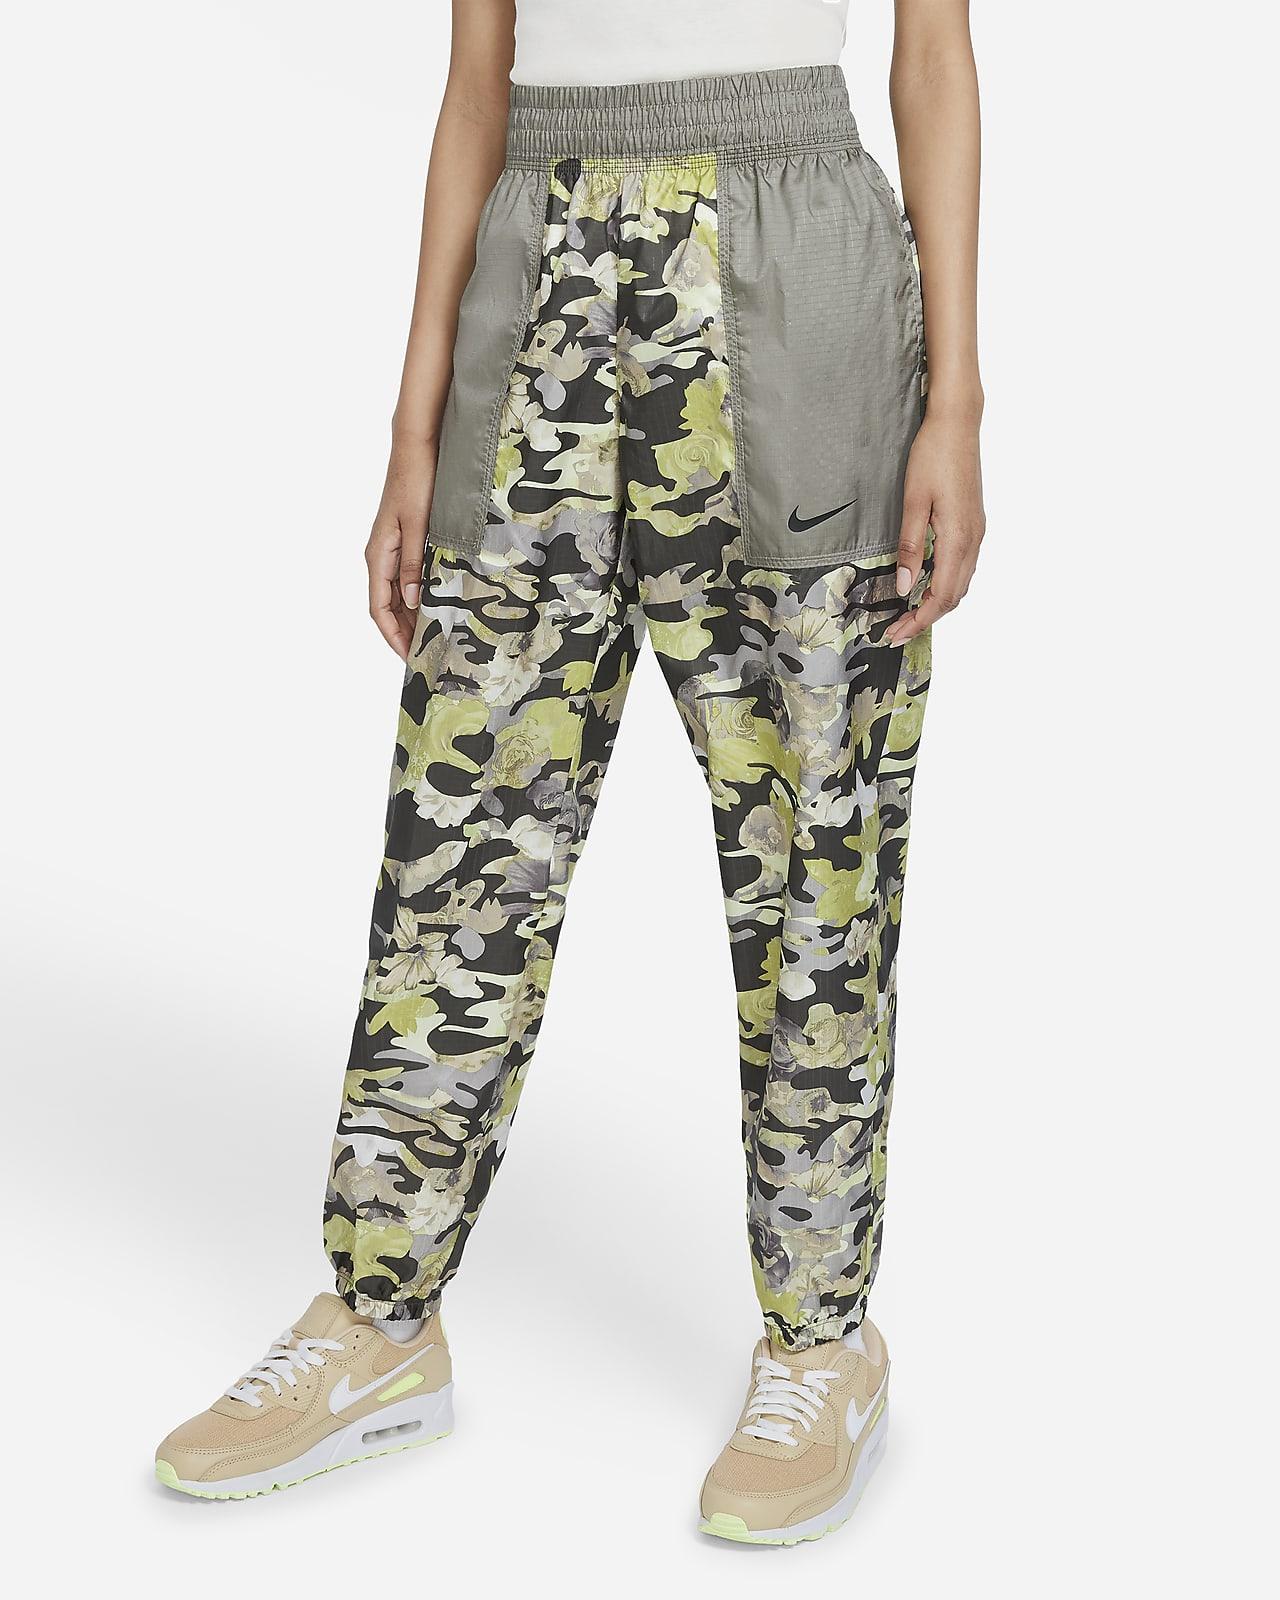 Nike Sportswear Women's Easy Woven Trousers